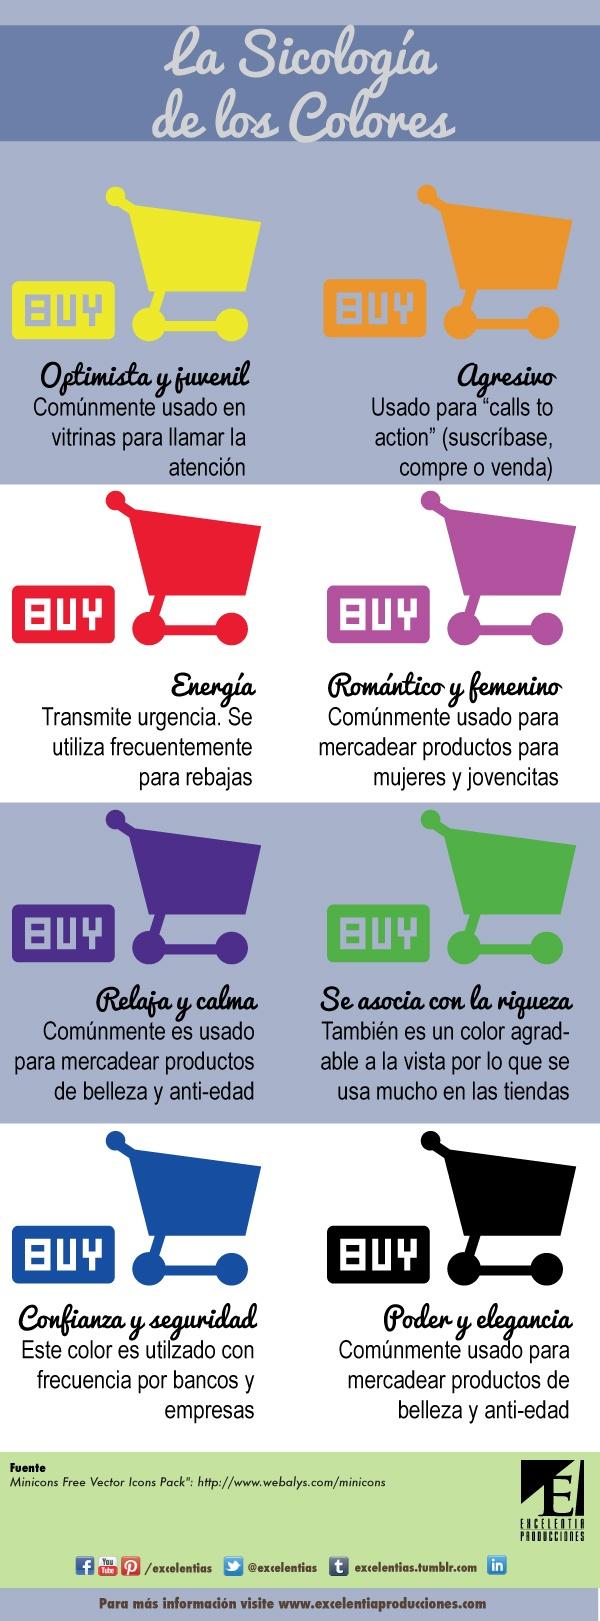 Cómo los colores pueden afectar lo que compra. Crédito: Excelentia Producciones